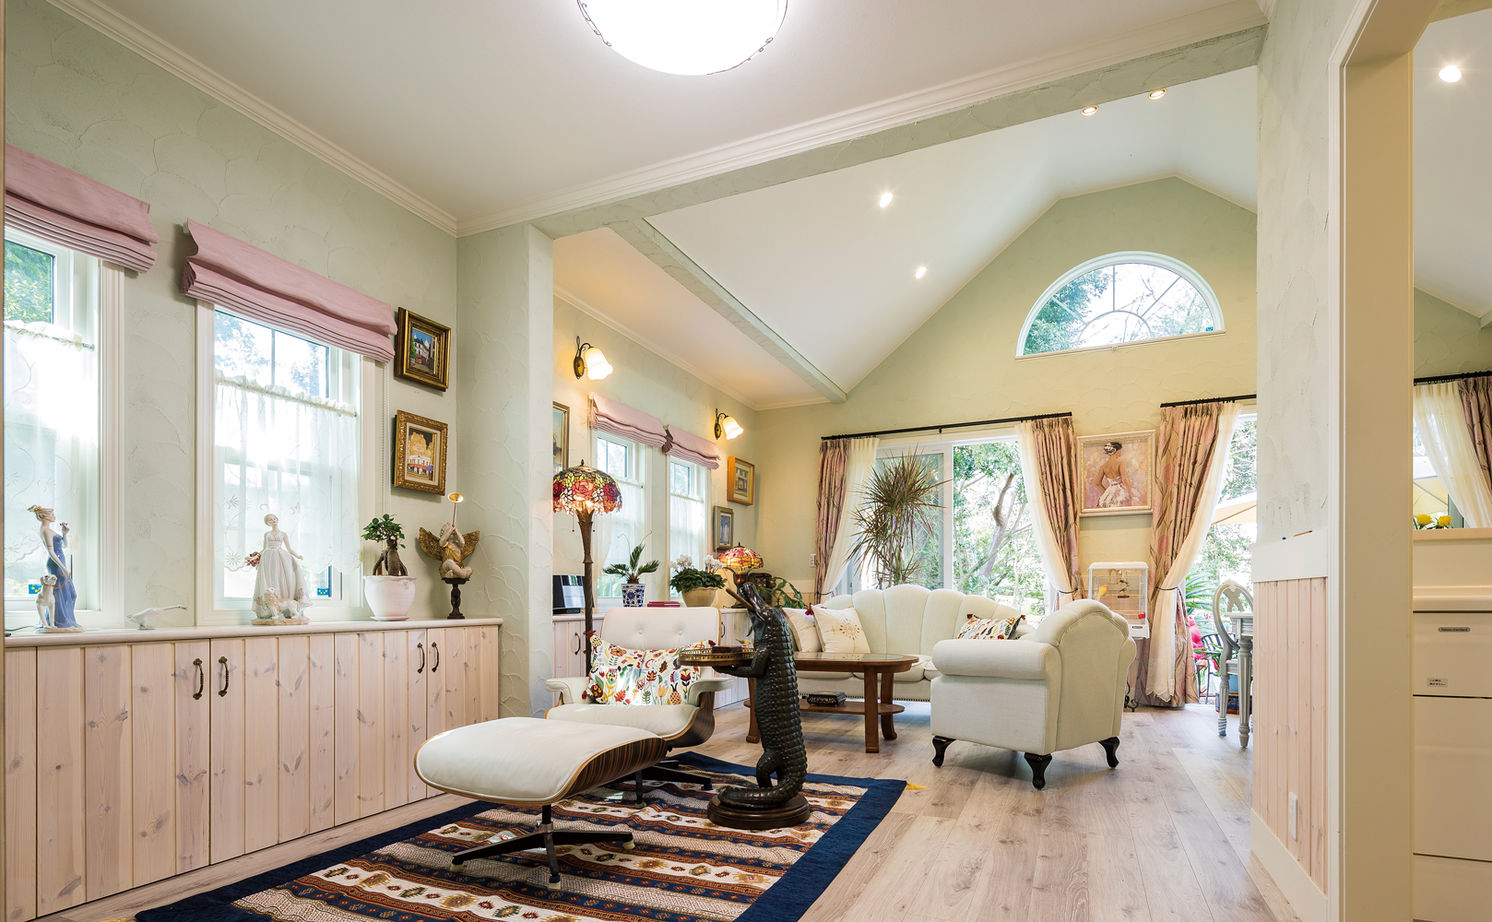 【1000万円台・間取り図公開】森に佇む可愛い平屋の家で悠々とセカンドライフを満喫画像3